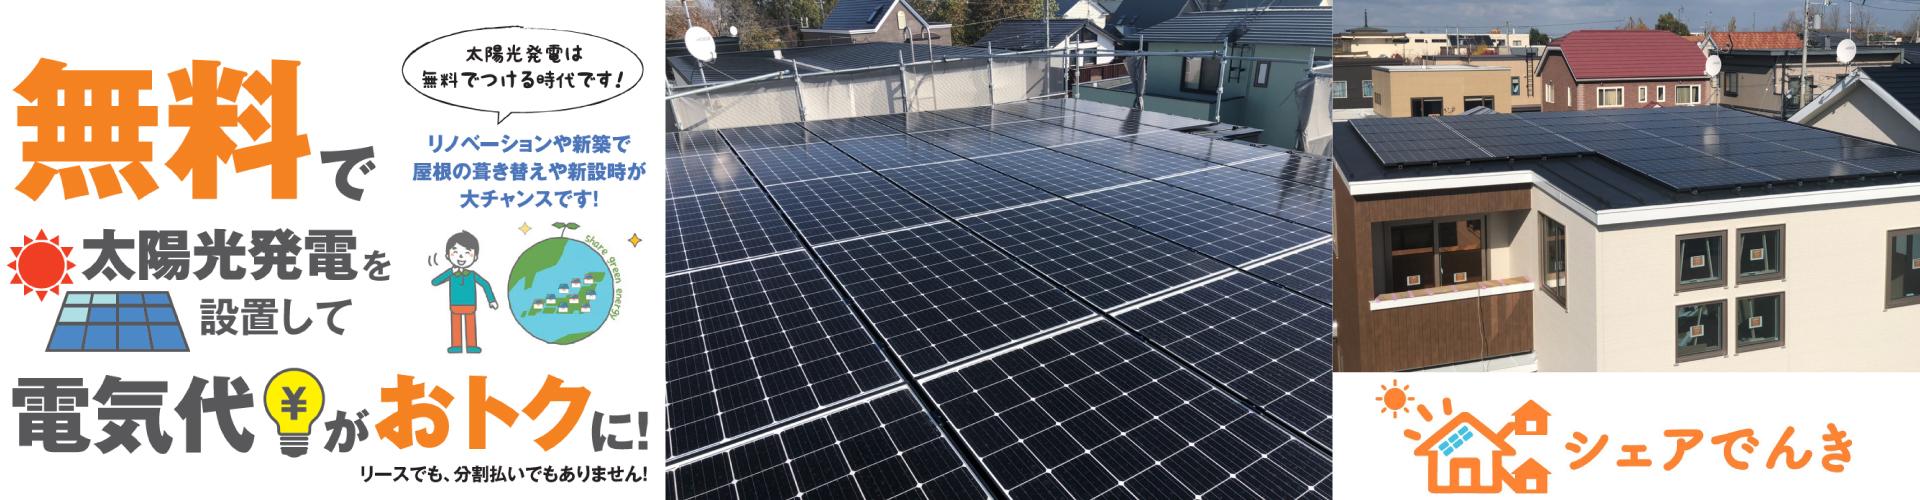 無料で太陽光発電を設置して